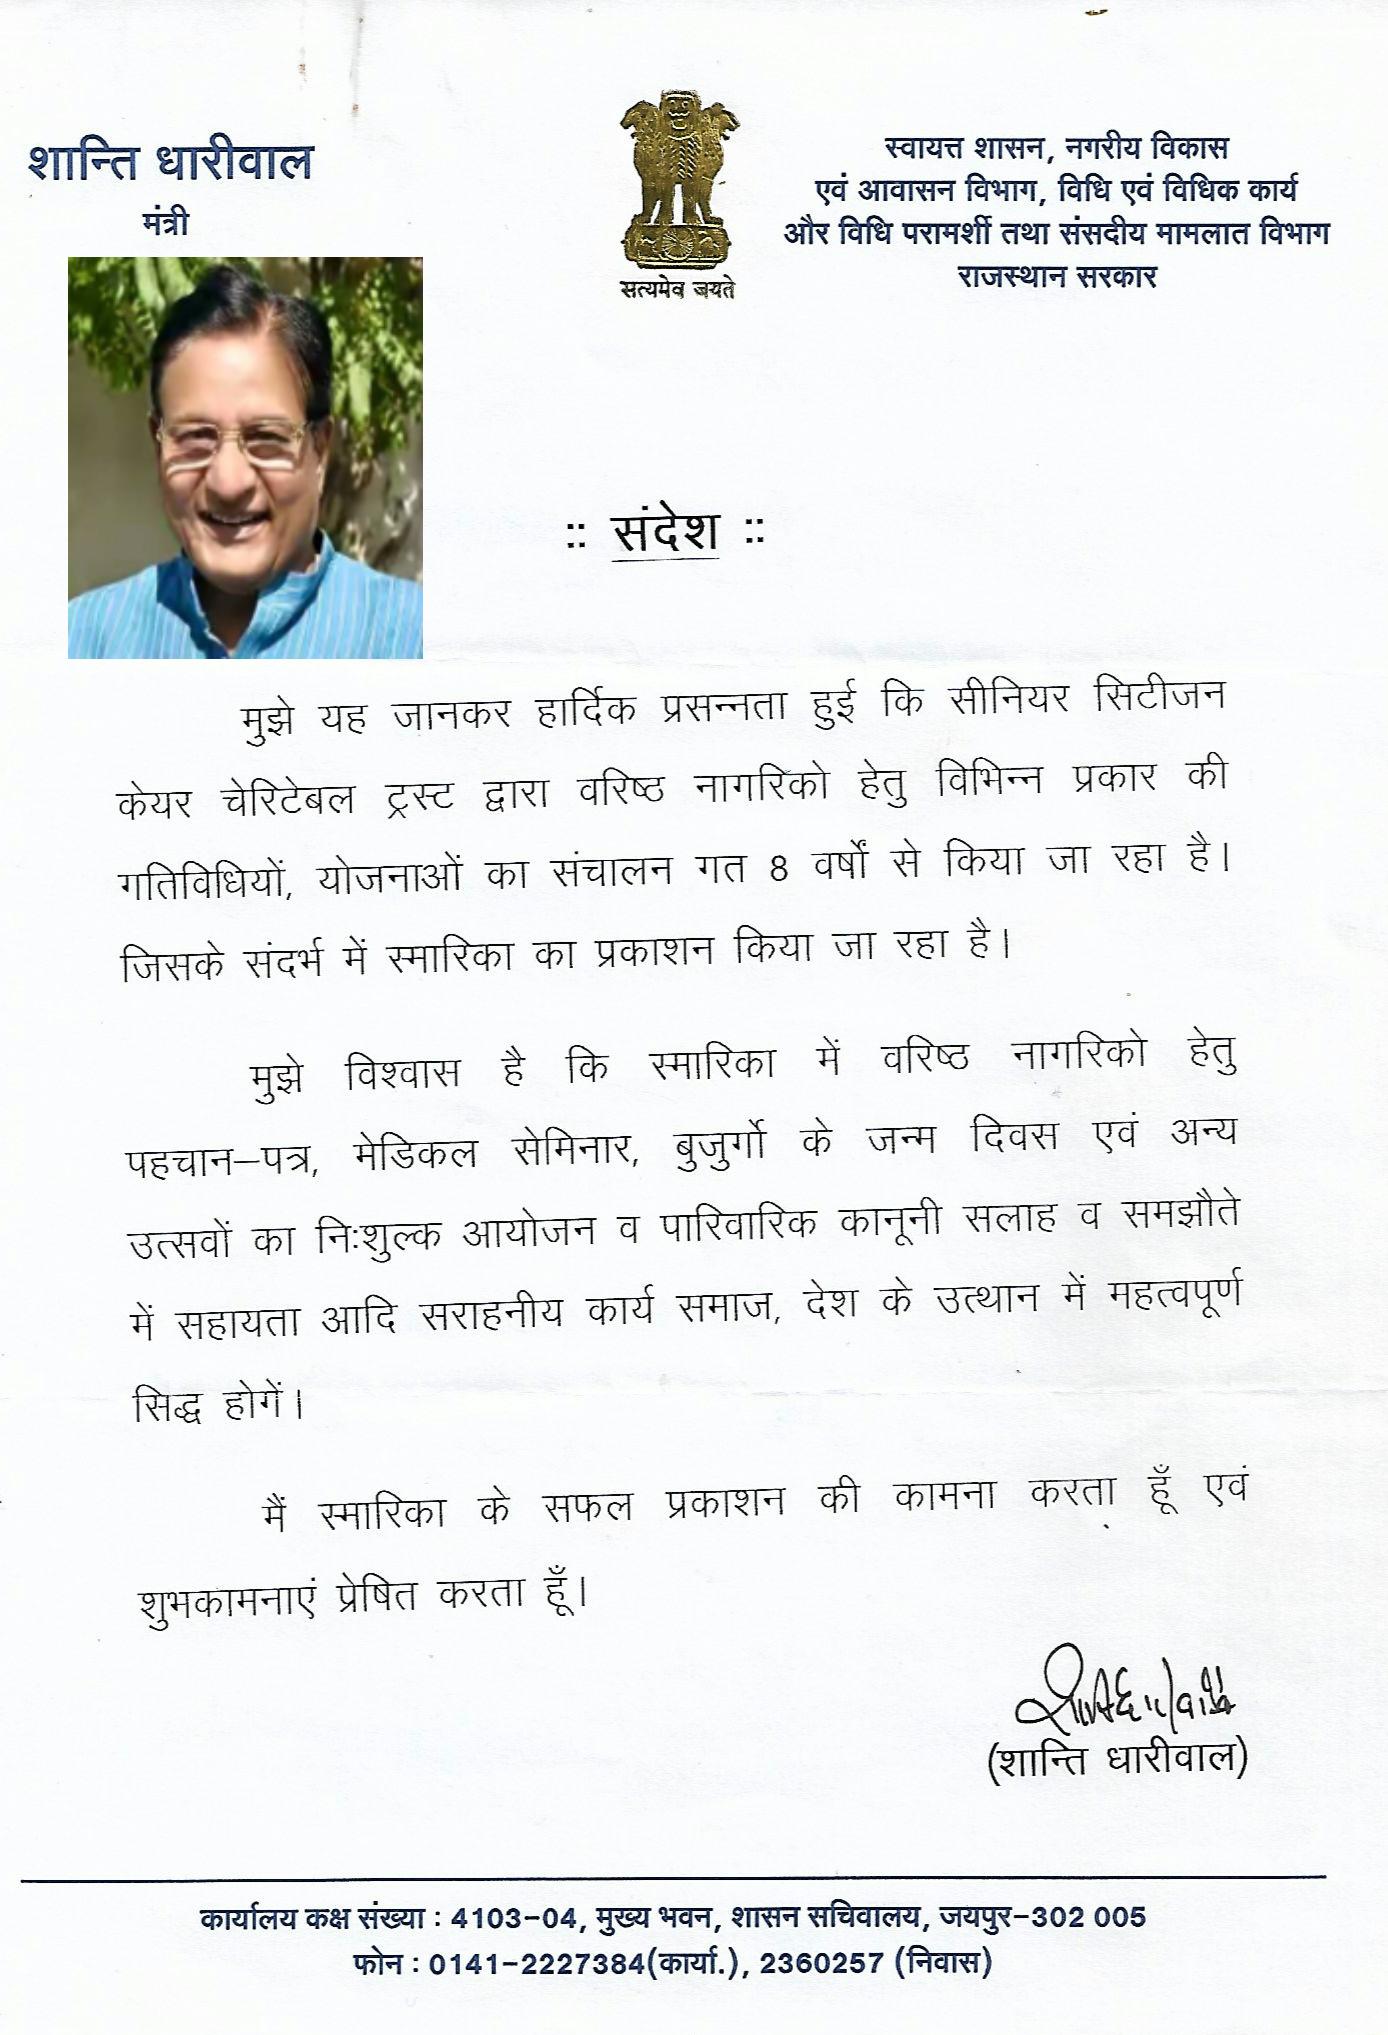 Shri Shanti Dhariwal